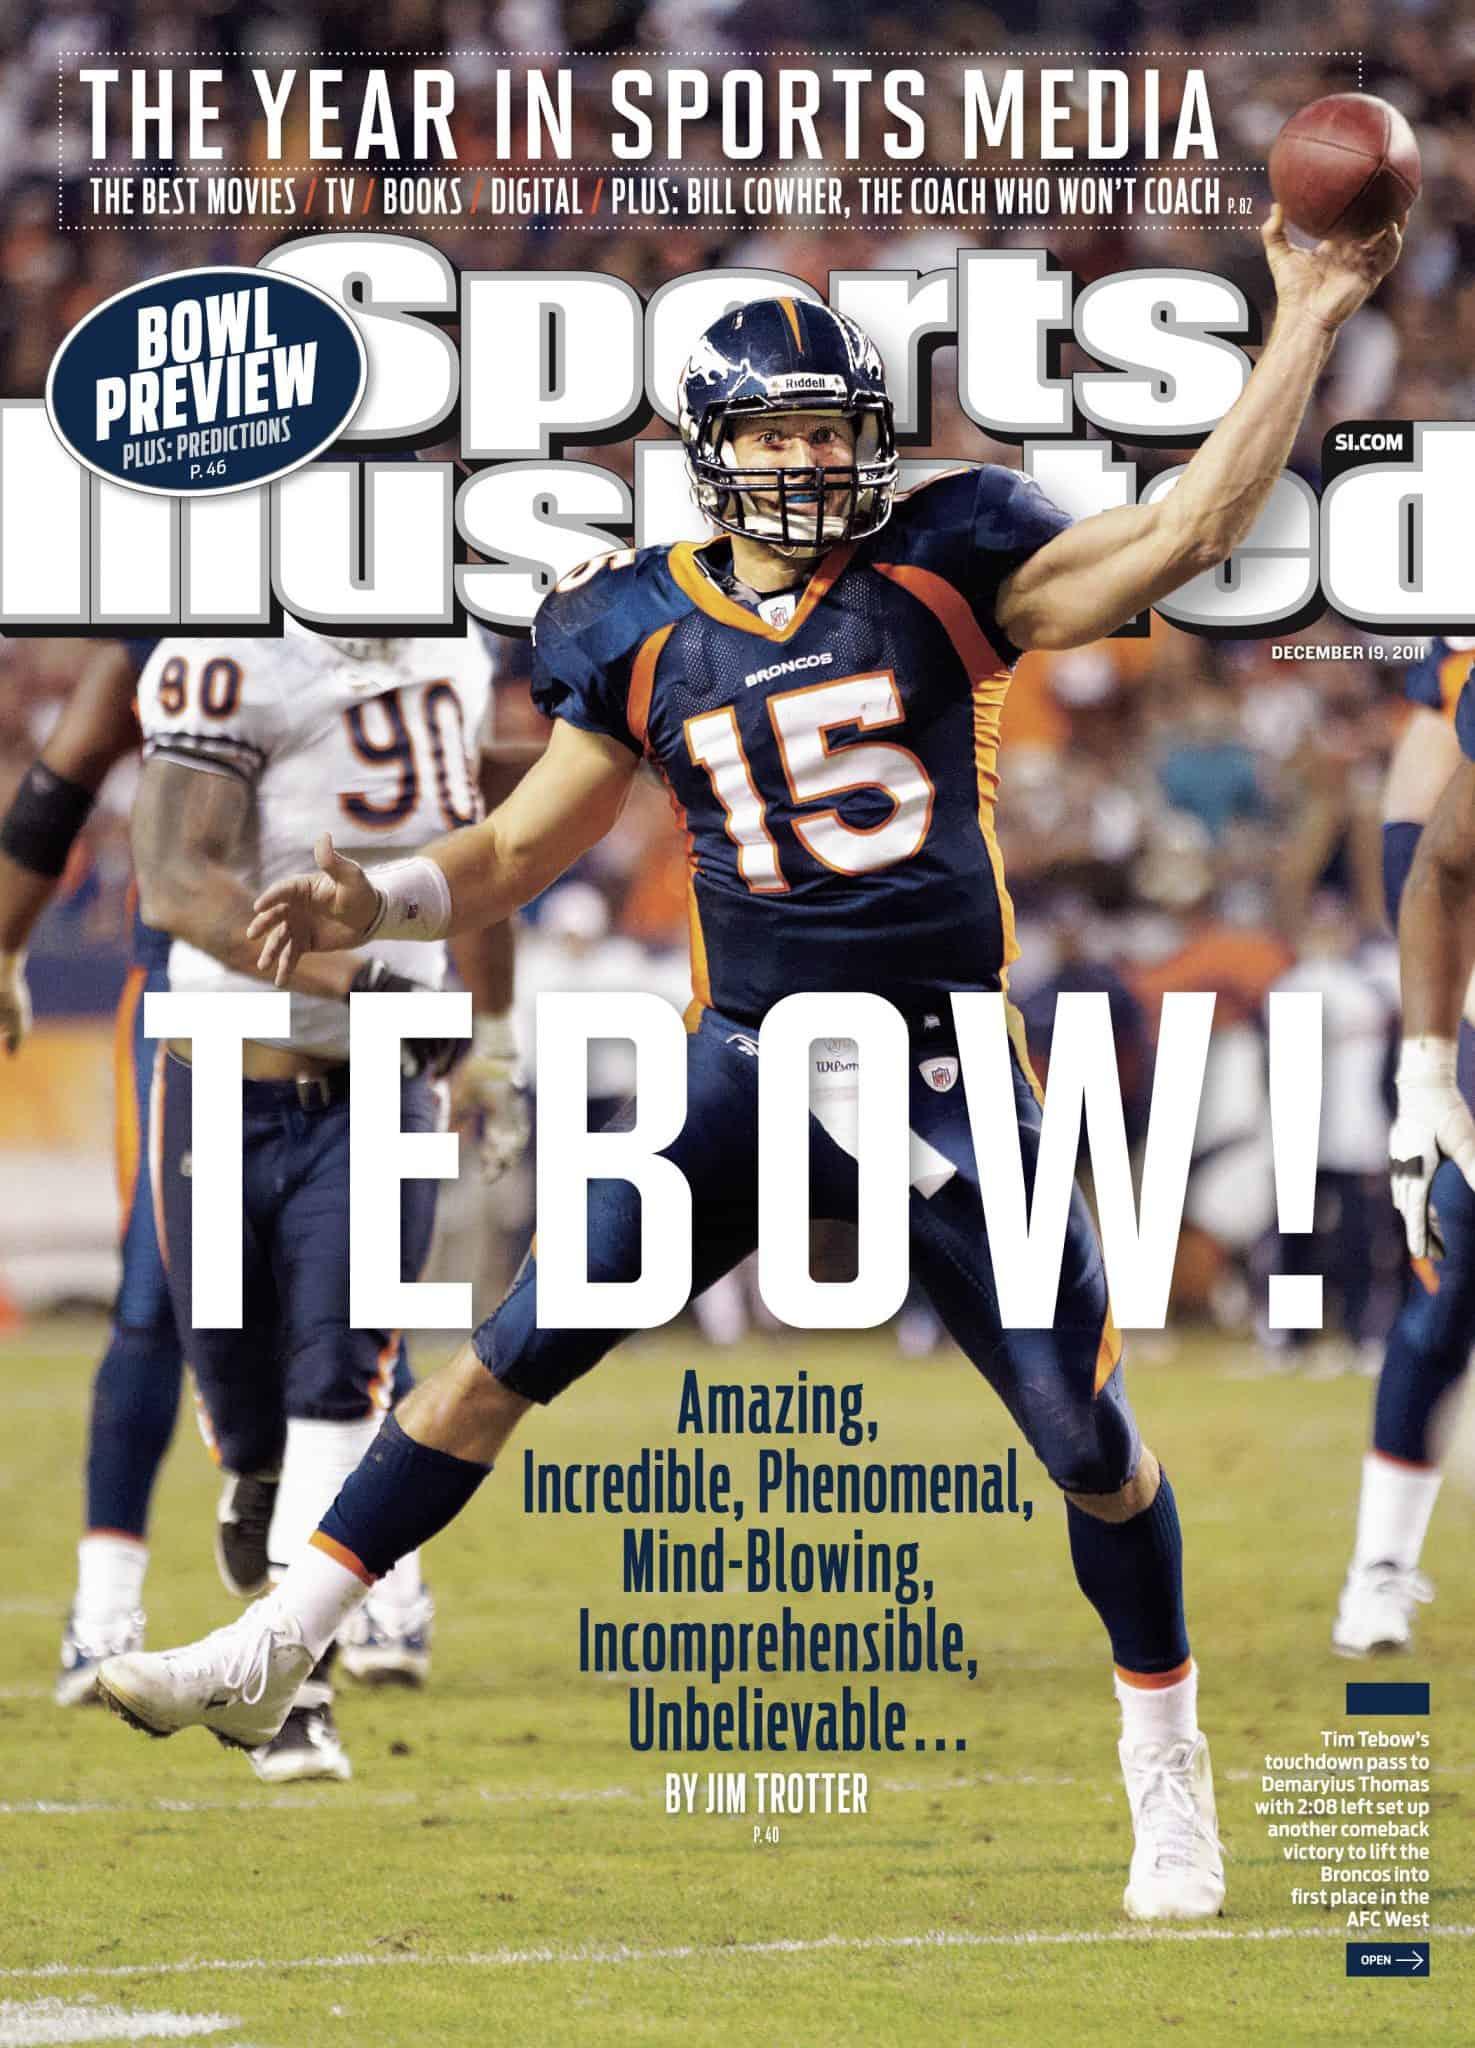 טים טיבוא על שער המגזין Sports Illustrated